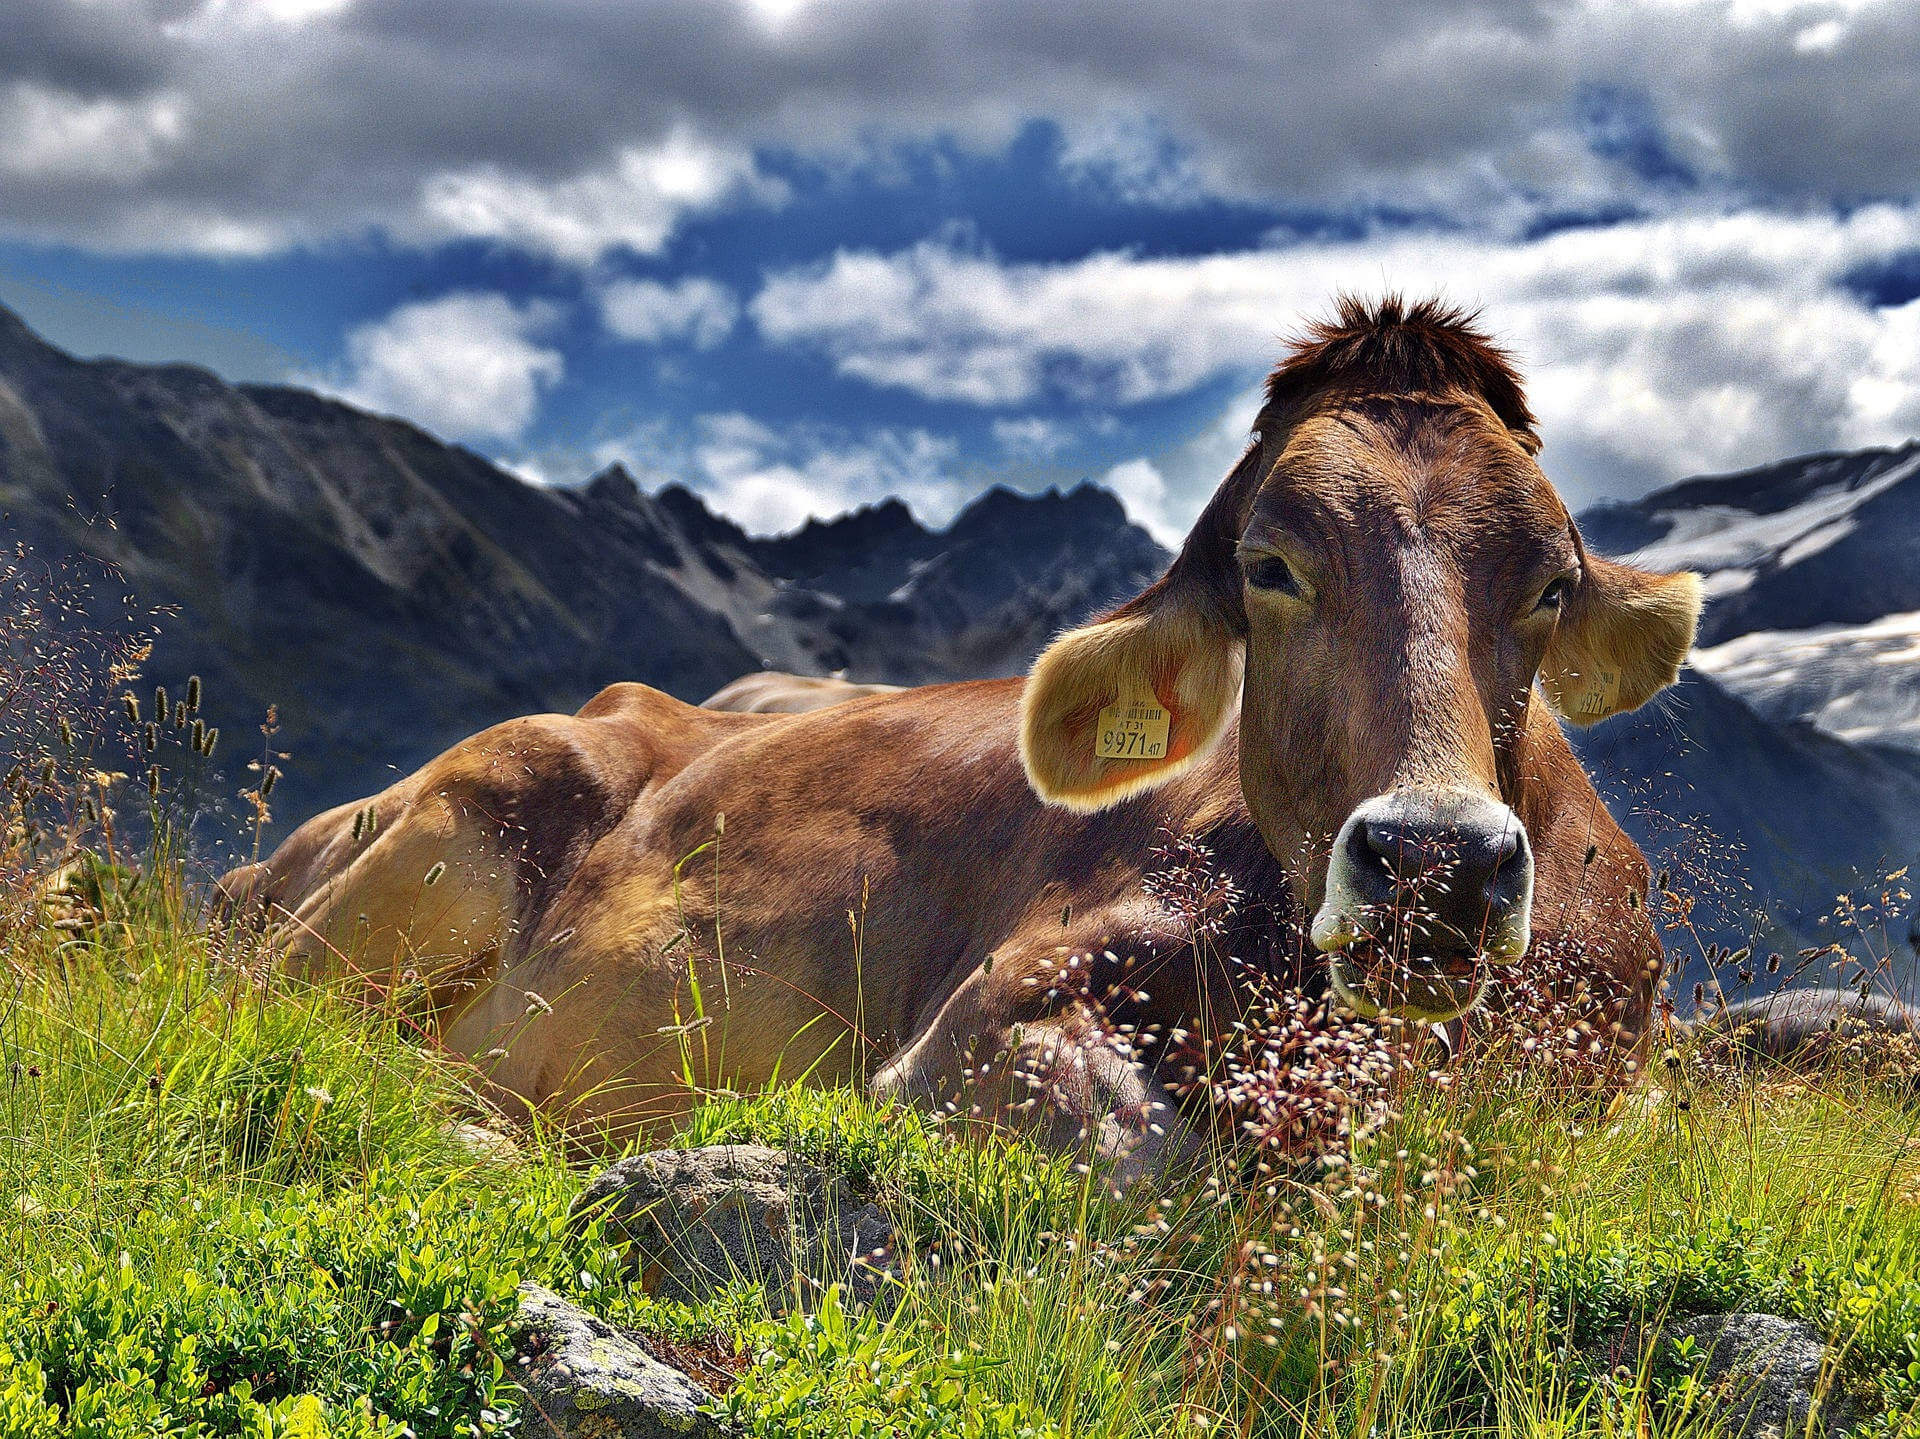 Sind Kühe beim Wandern gefährlich - Kuh am Rand eines Wanderwegs in den Alpen